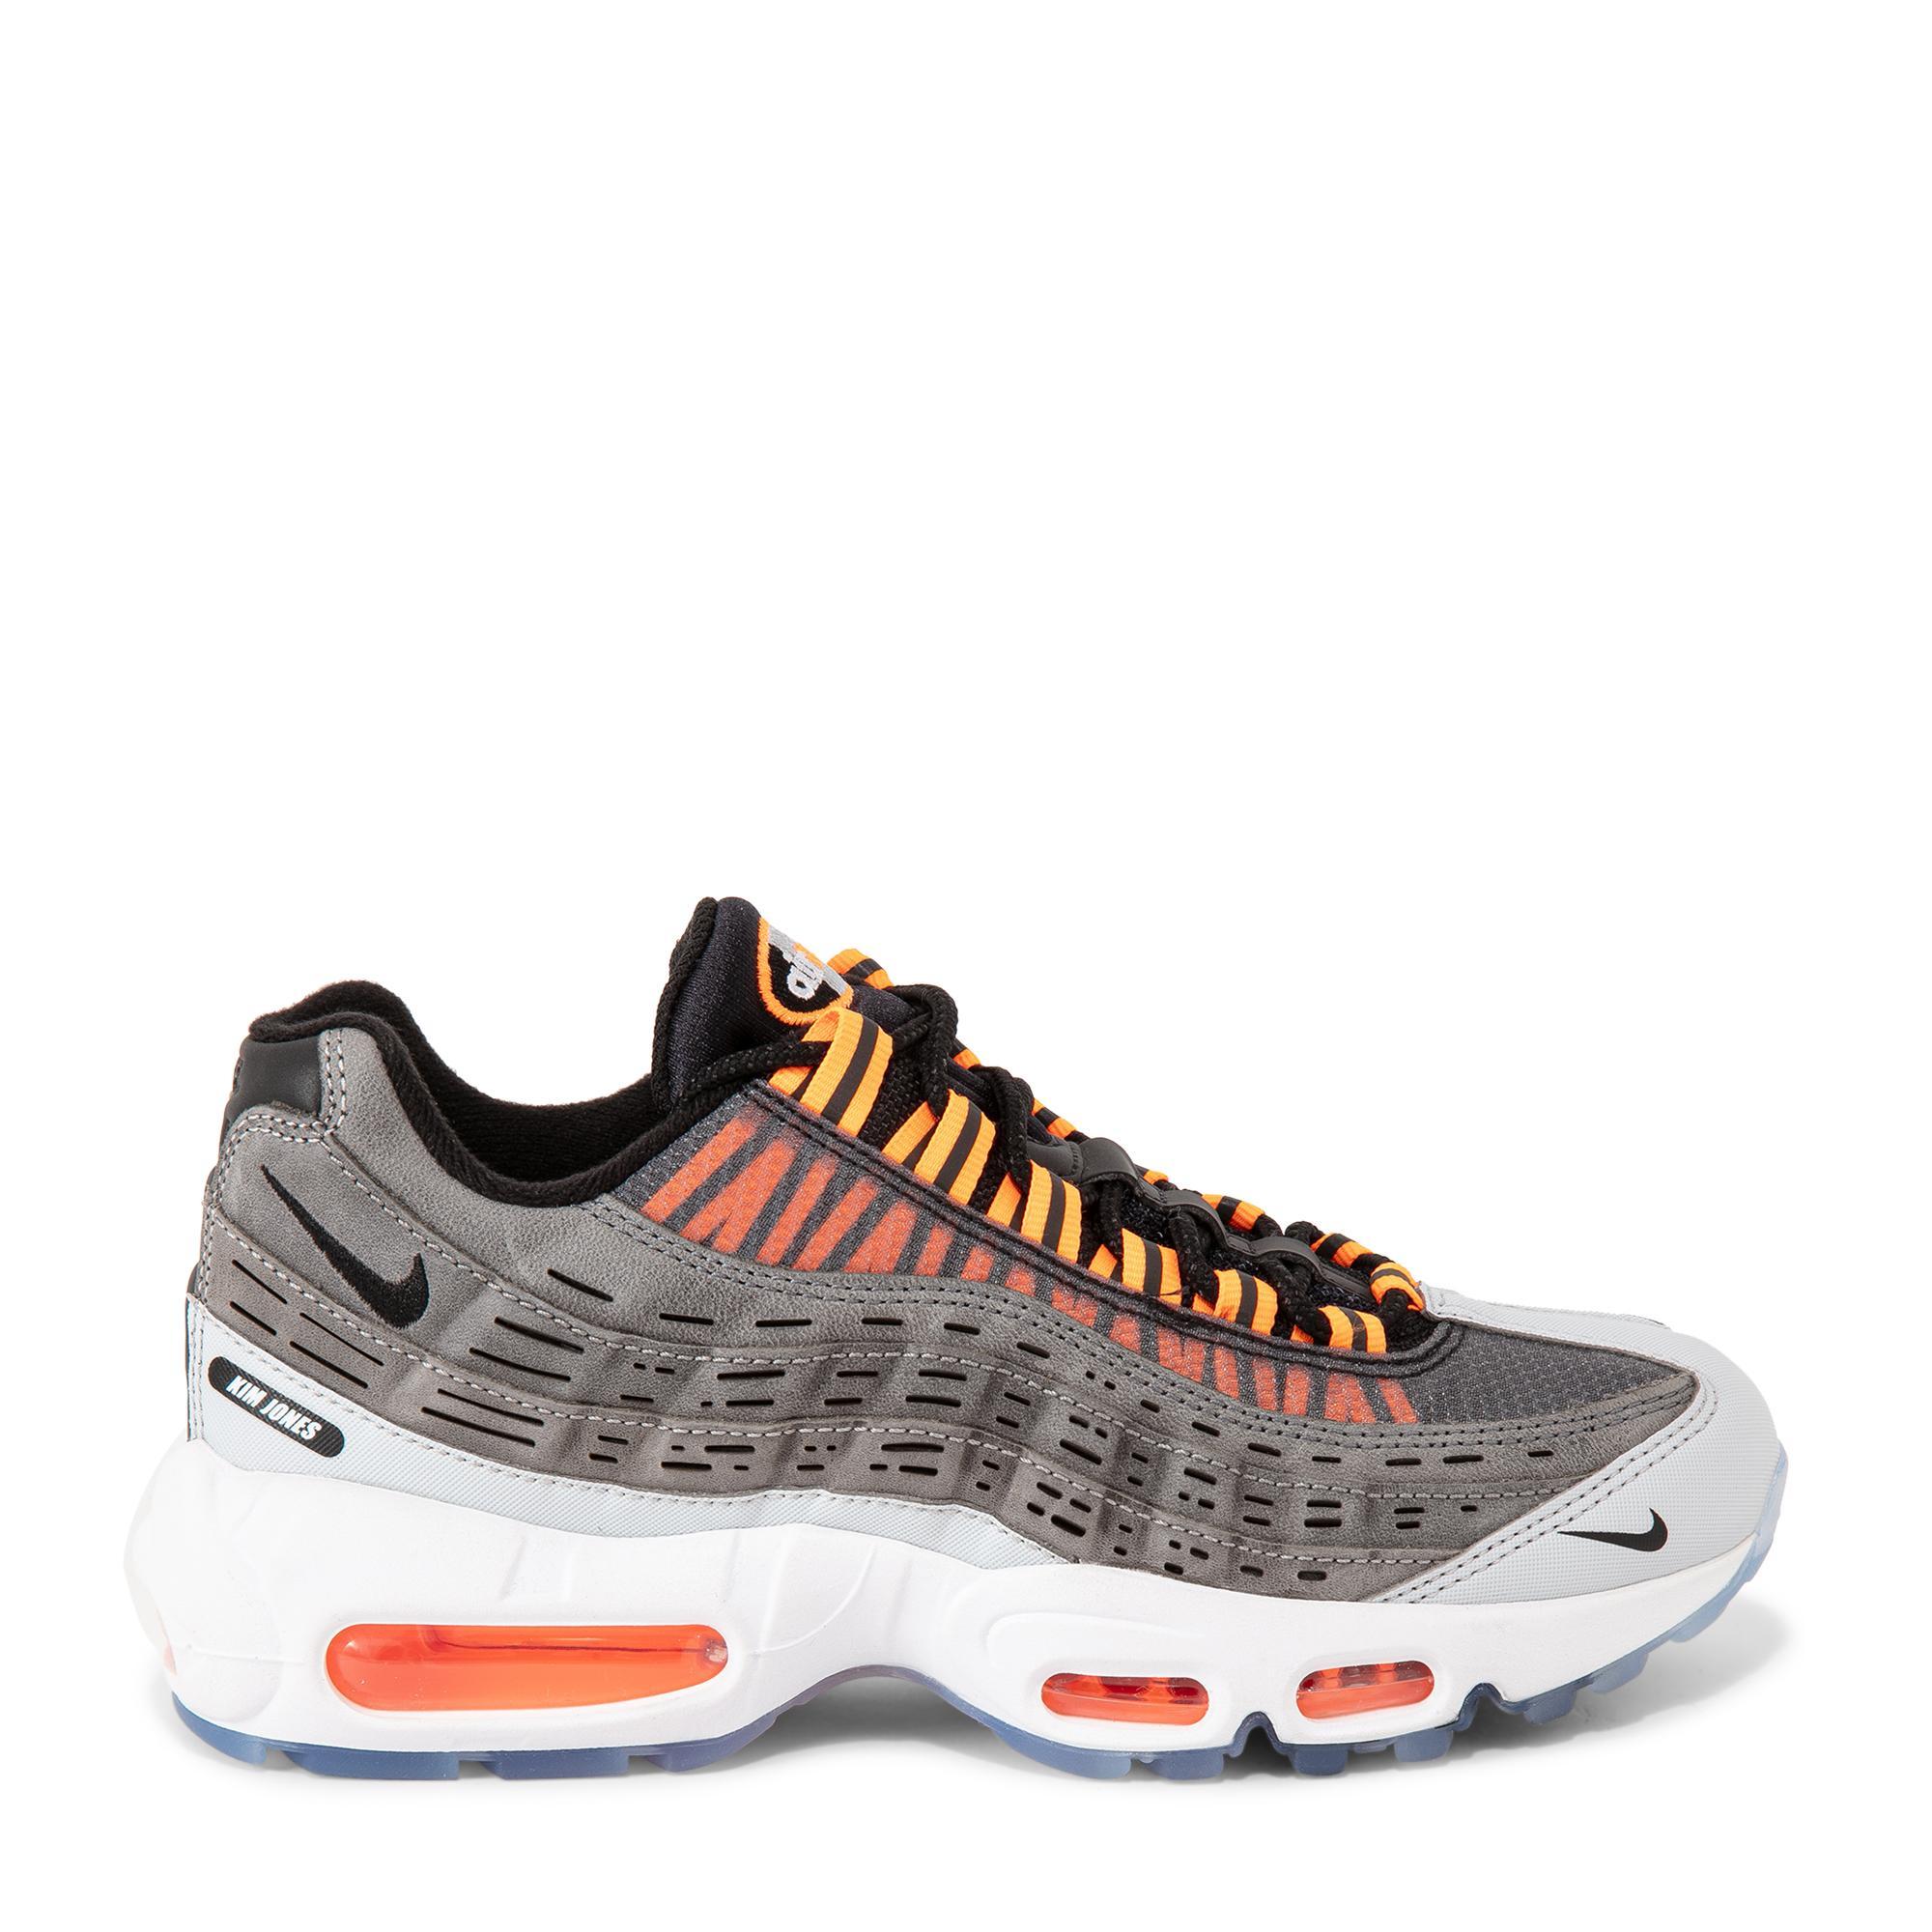 X Kim Jones Air Max 95 sneakers